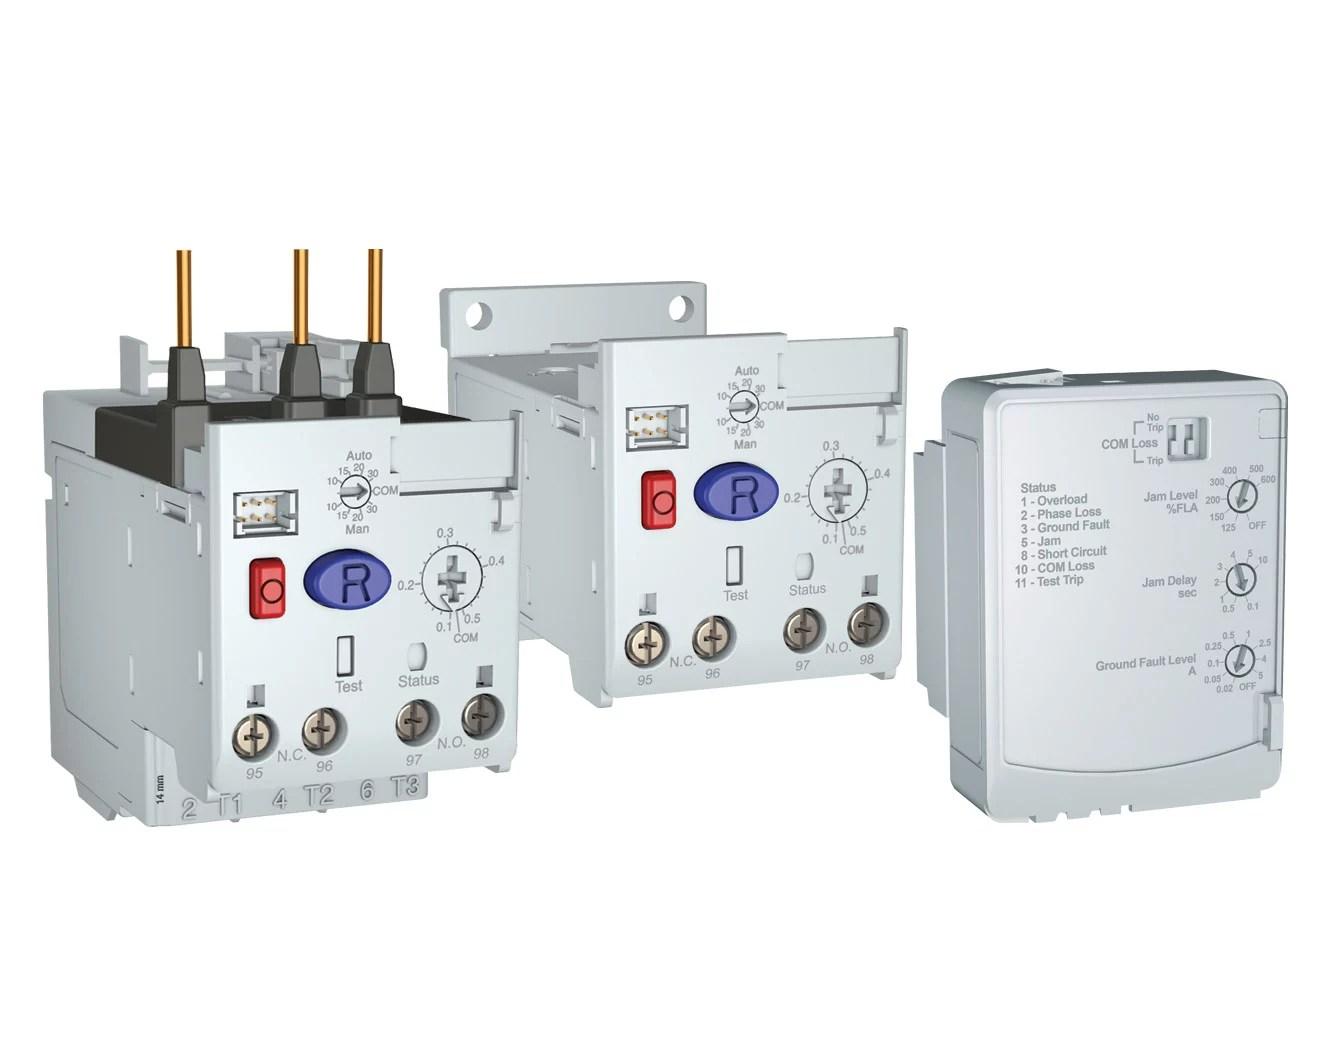 新型電子式過載繼電器有助於防止馬達損壞及停機 | Rockwell Automation